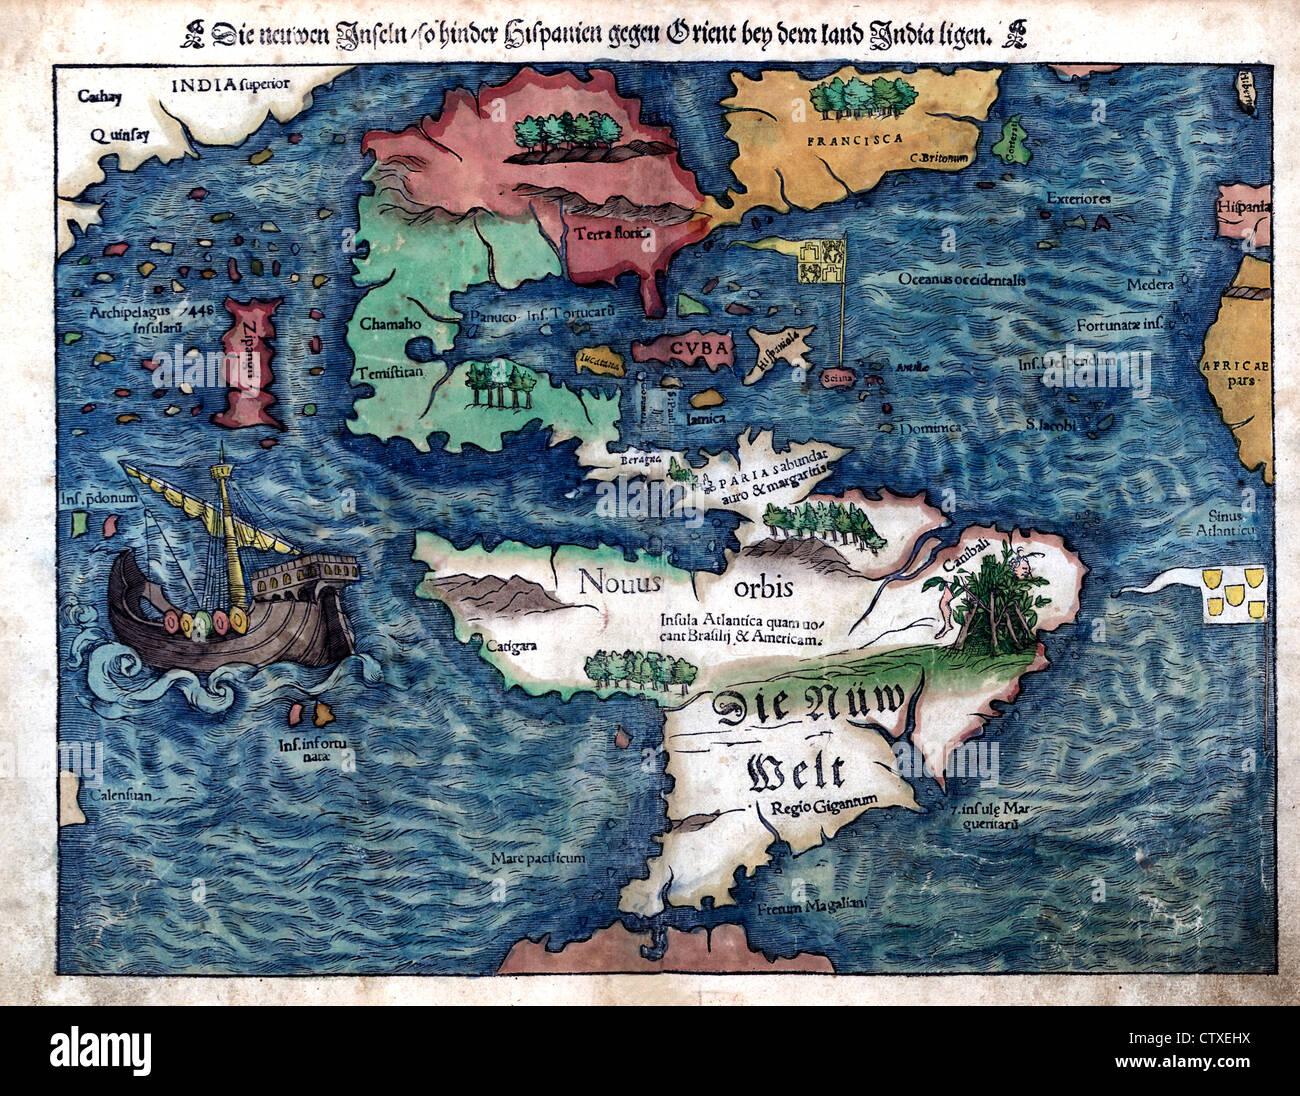 Map of the New World, circa 1550 - Die neuen Inseln, so hinder Hispanien gegen Orient bey dem land India ligen - Stock Image